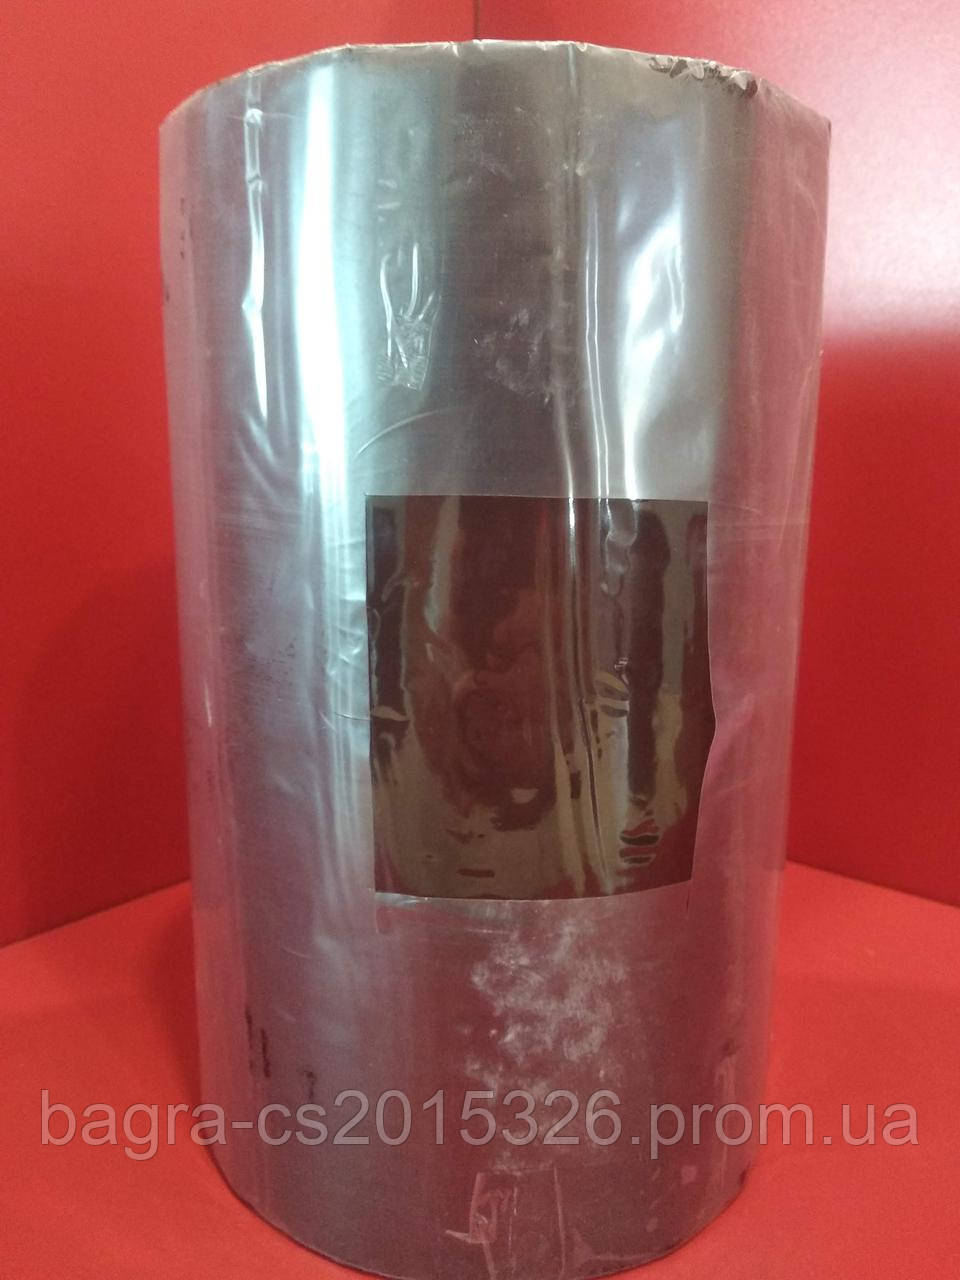 Стрічка покрівельна коричнева 250мм, RAL 8017